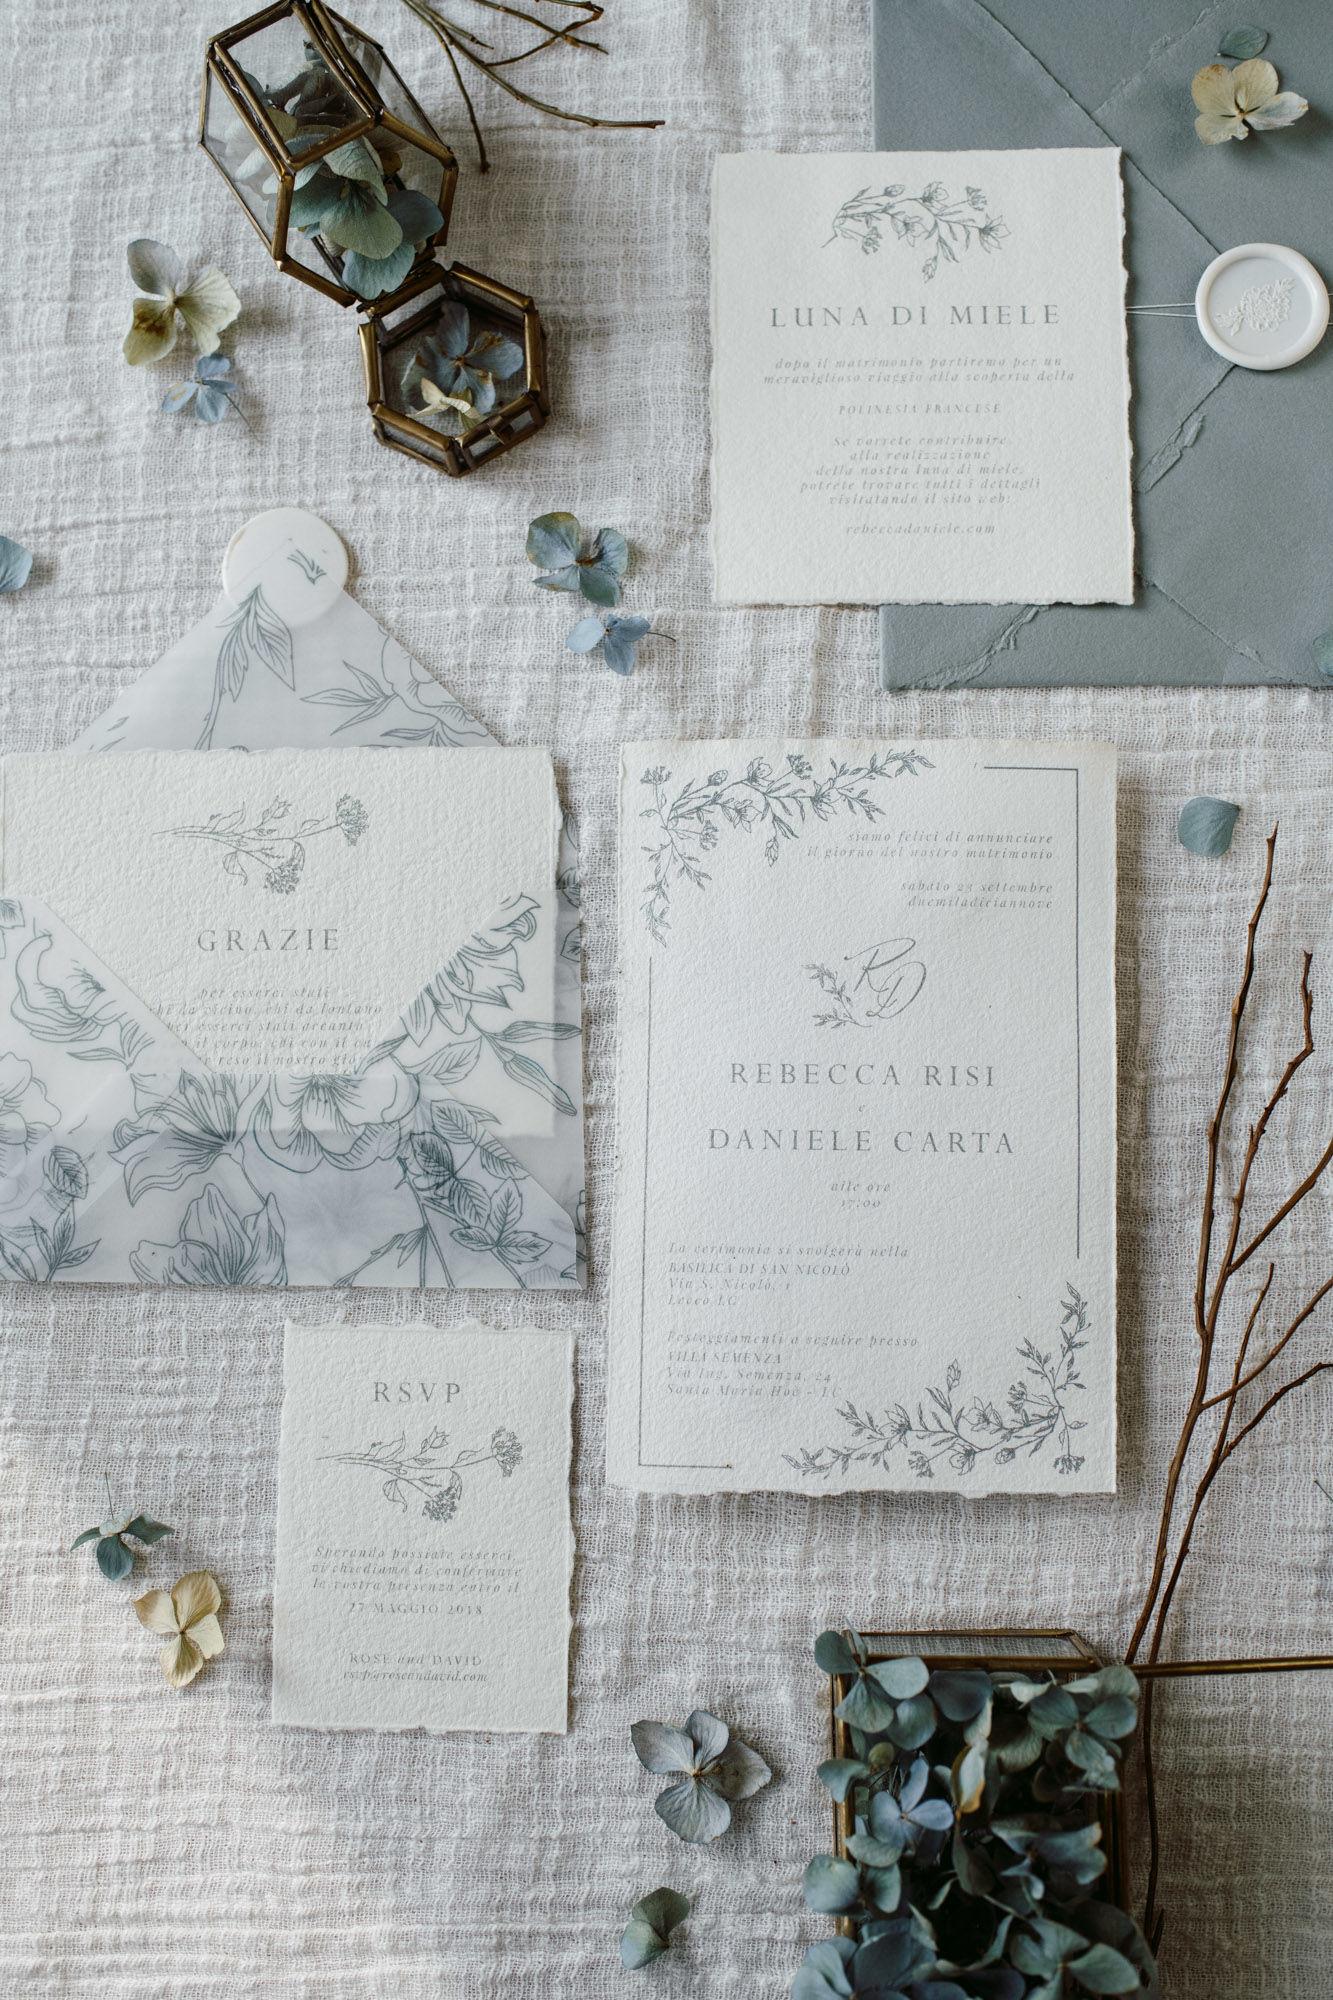 Partecipazioni Matrimonio On Line Low Cost.Partecipazioni Inviti Matrimonio Fiorito Elegante 3 Studio Alispi